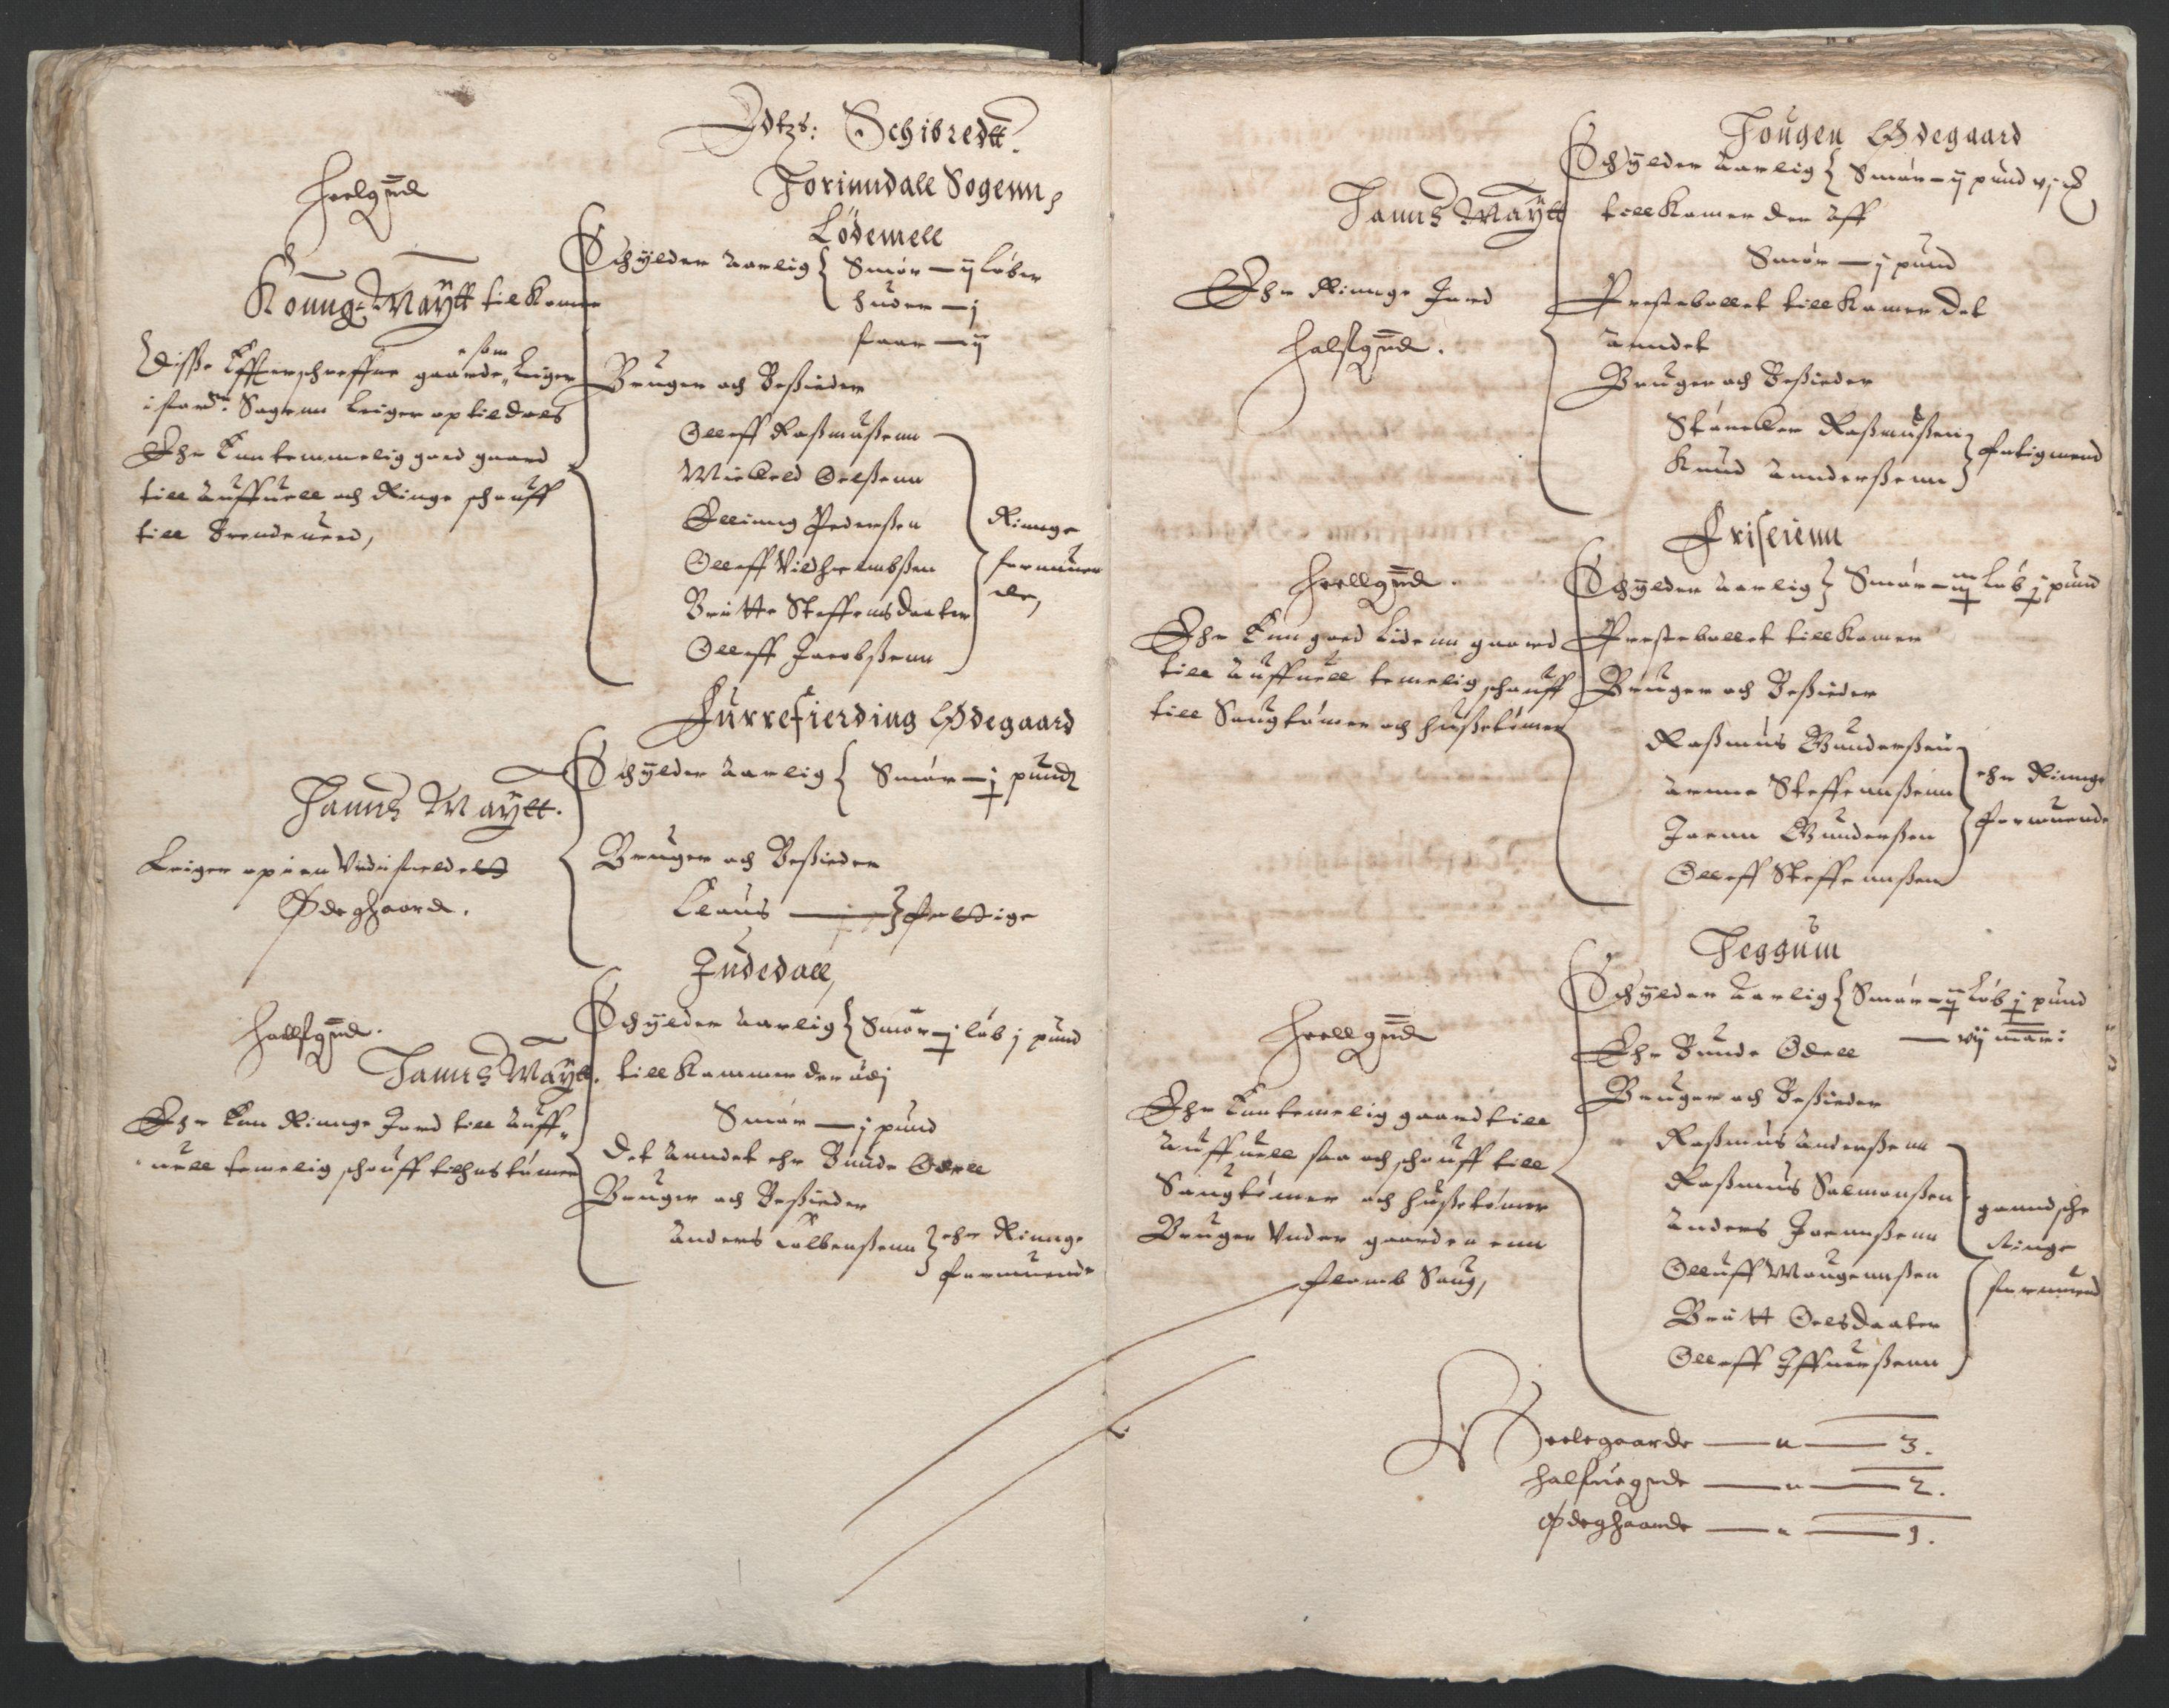 RA, Stattholderembetet 1572-1771, Ek/L0005: Jordebøker til utlikning av garnisonsskatt 1624-1626:, 1626, s. 85